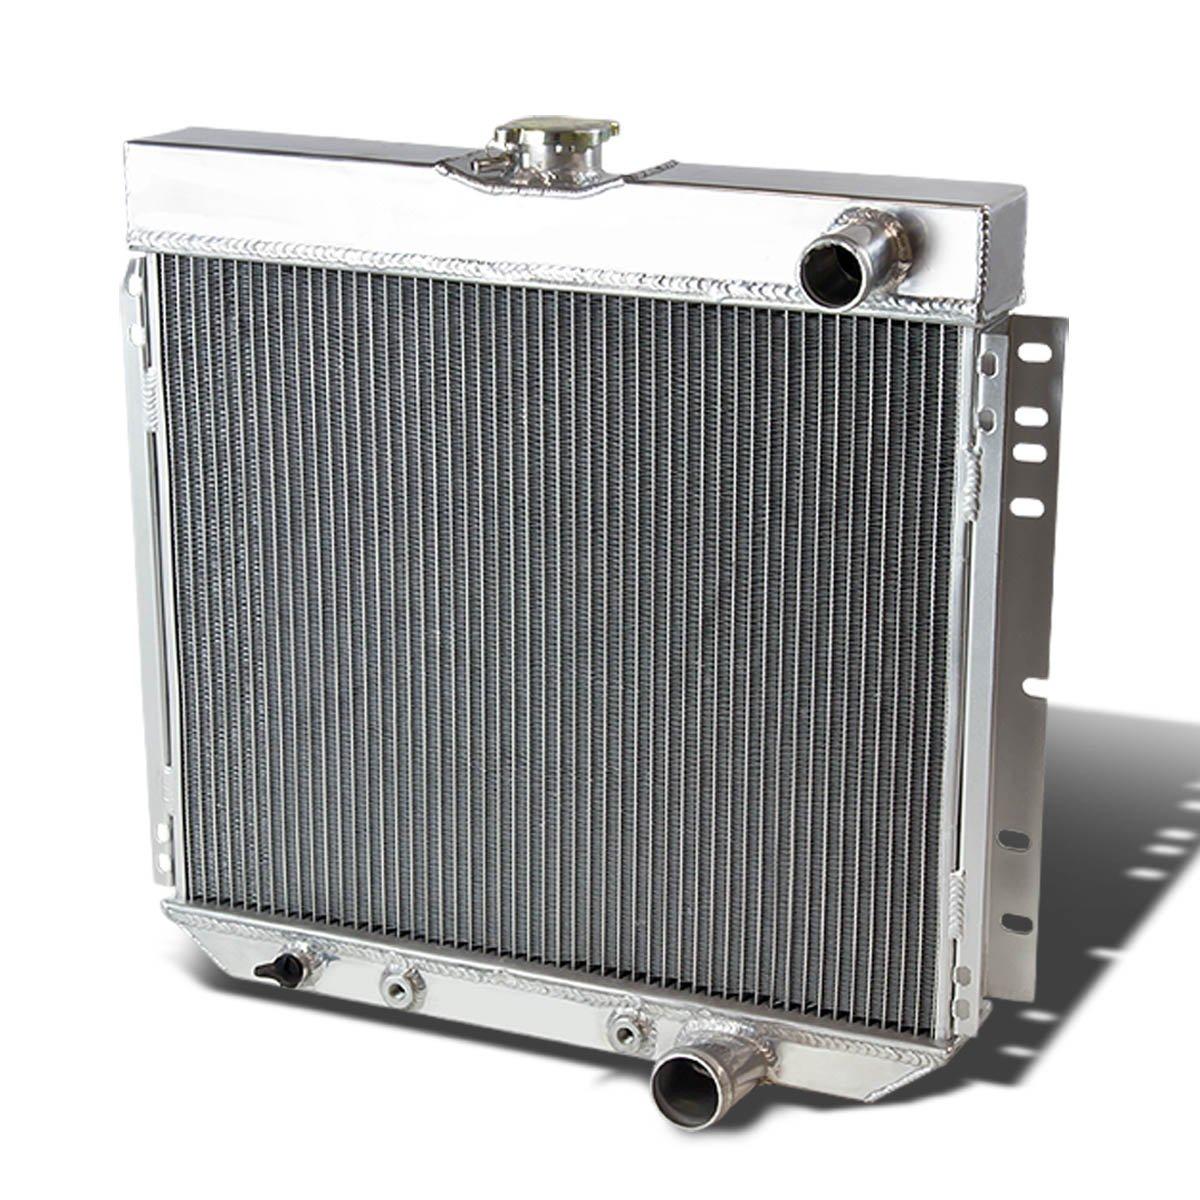 DNA Motoring RA-SBC64-3 Aluminum Racing Radiator